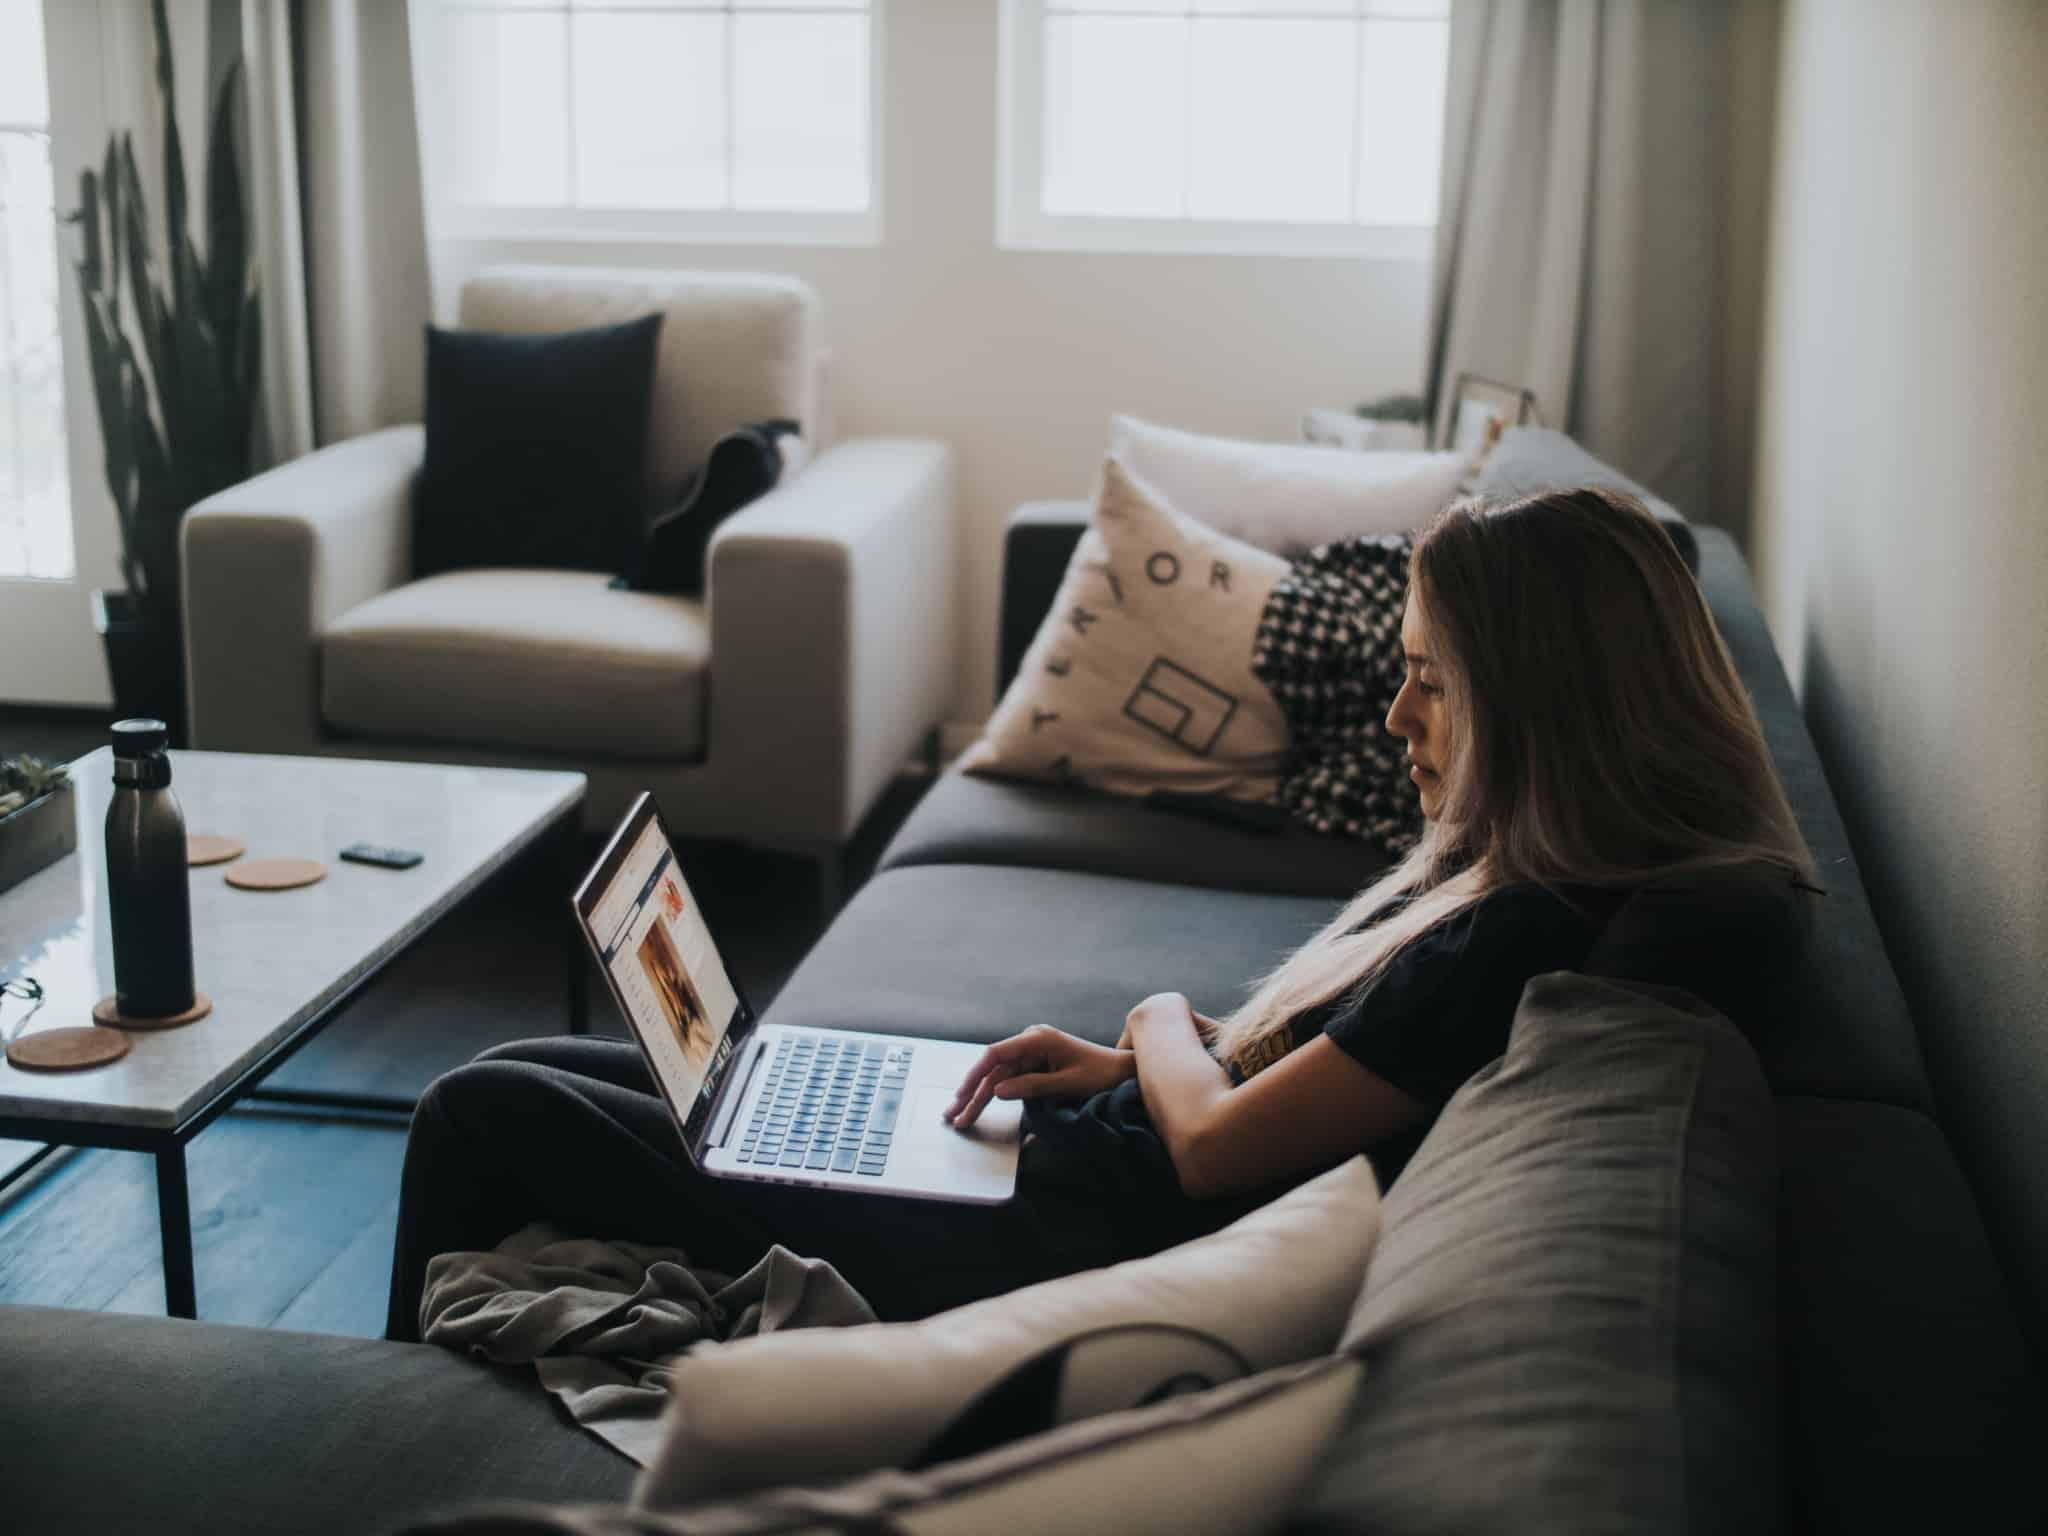 rapariga sentada no sofá com computador no colo